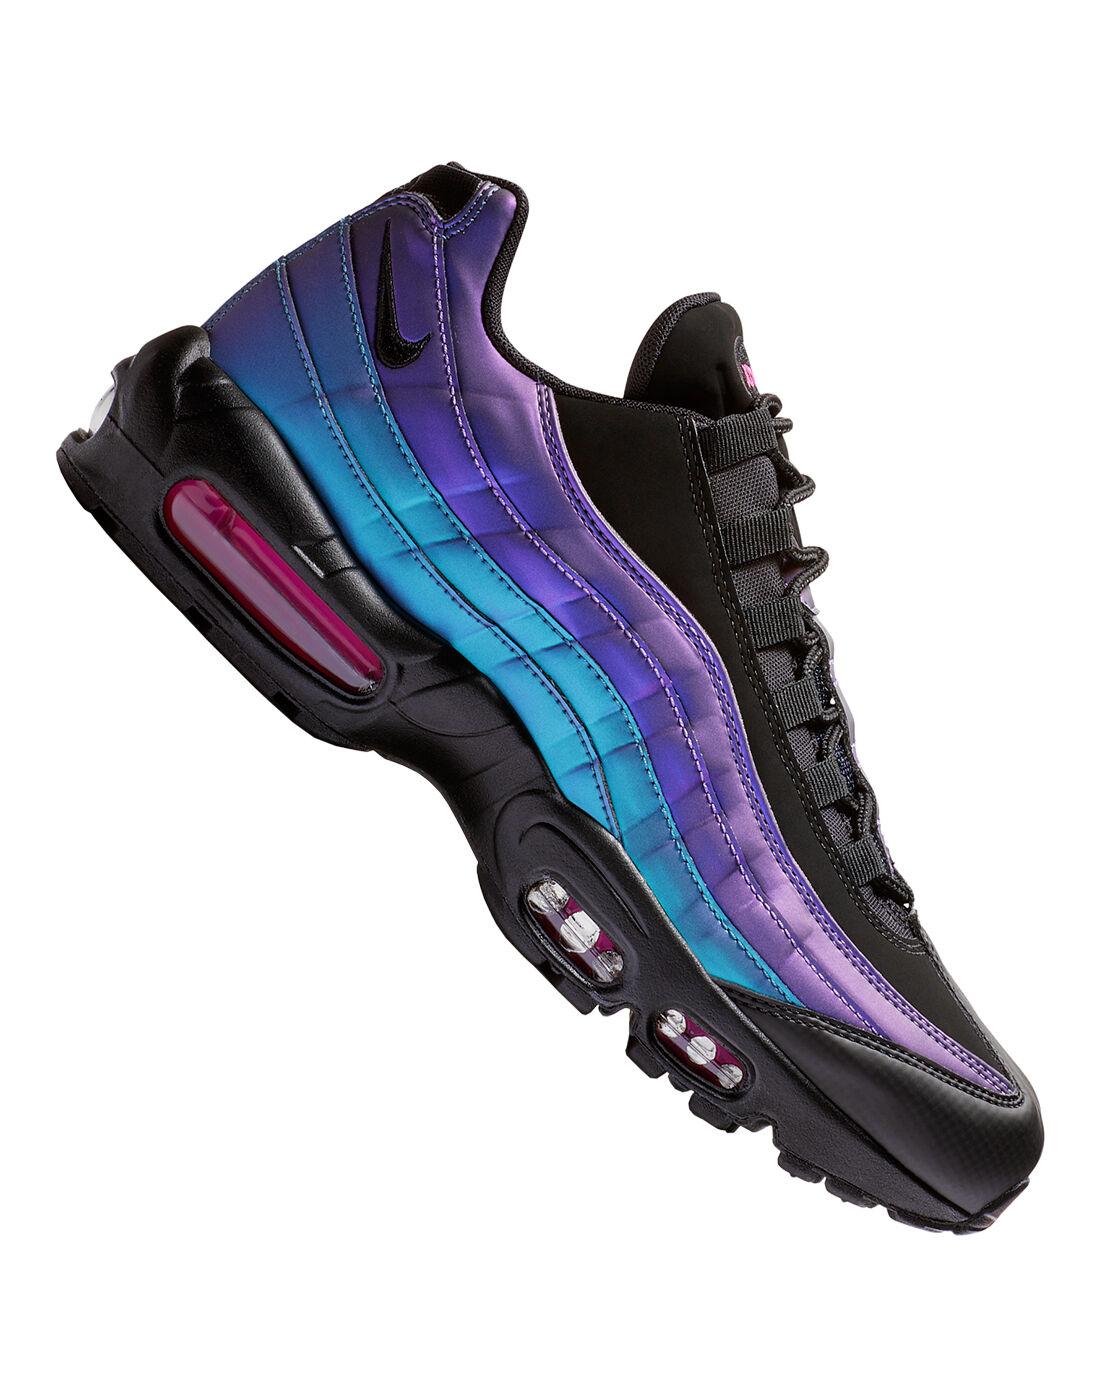 Nike Air Max Nike Shoes Nike Air Max 95 Full Cushion